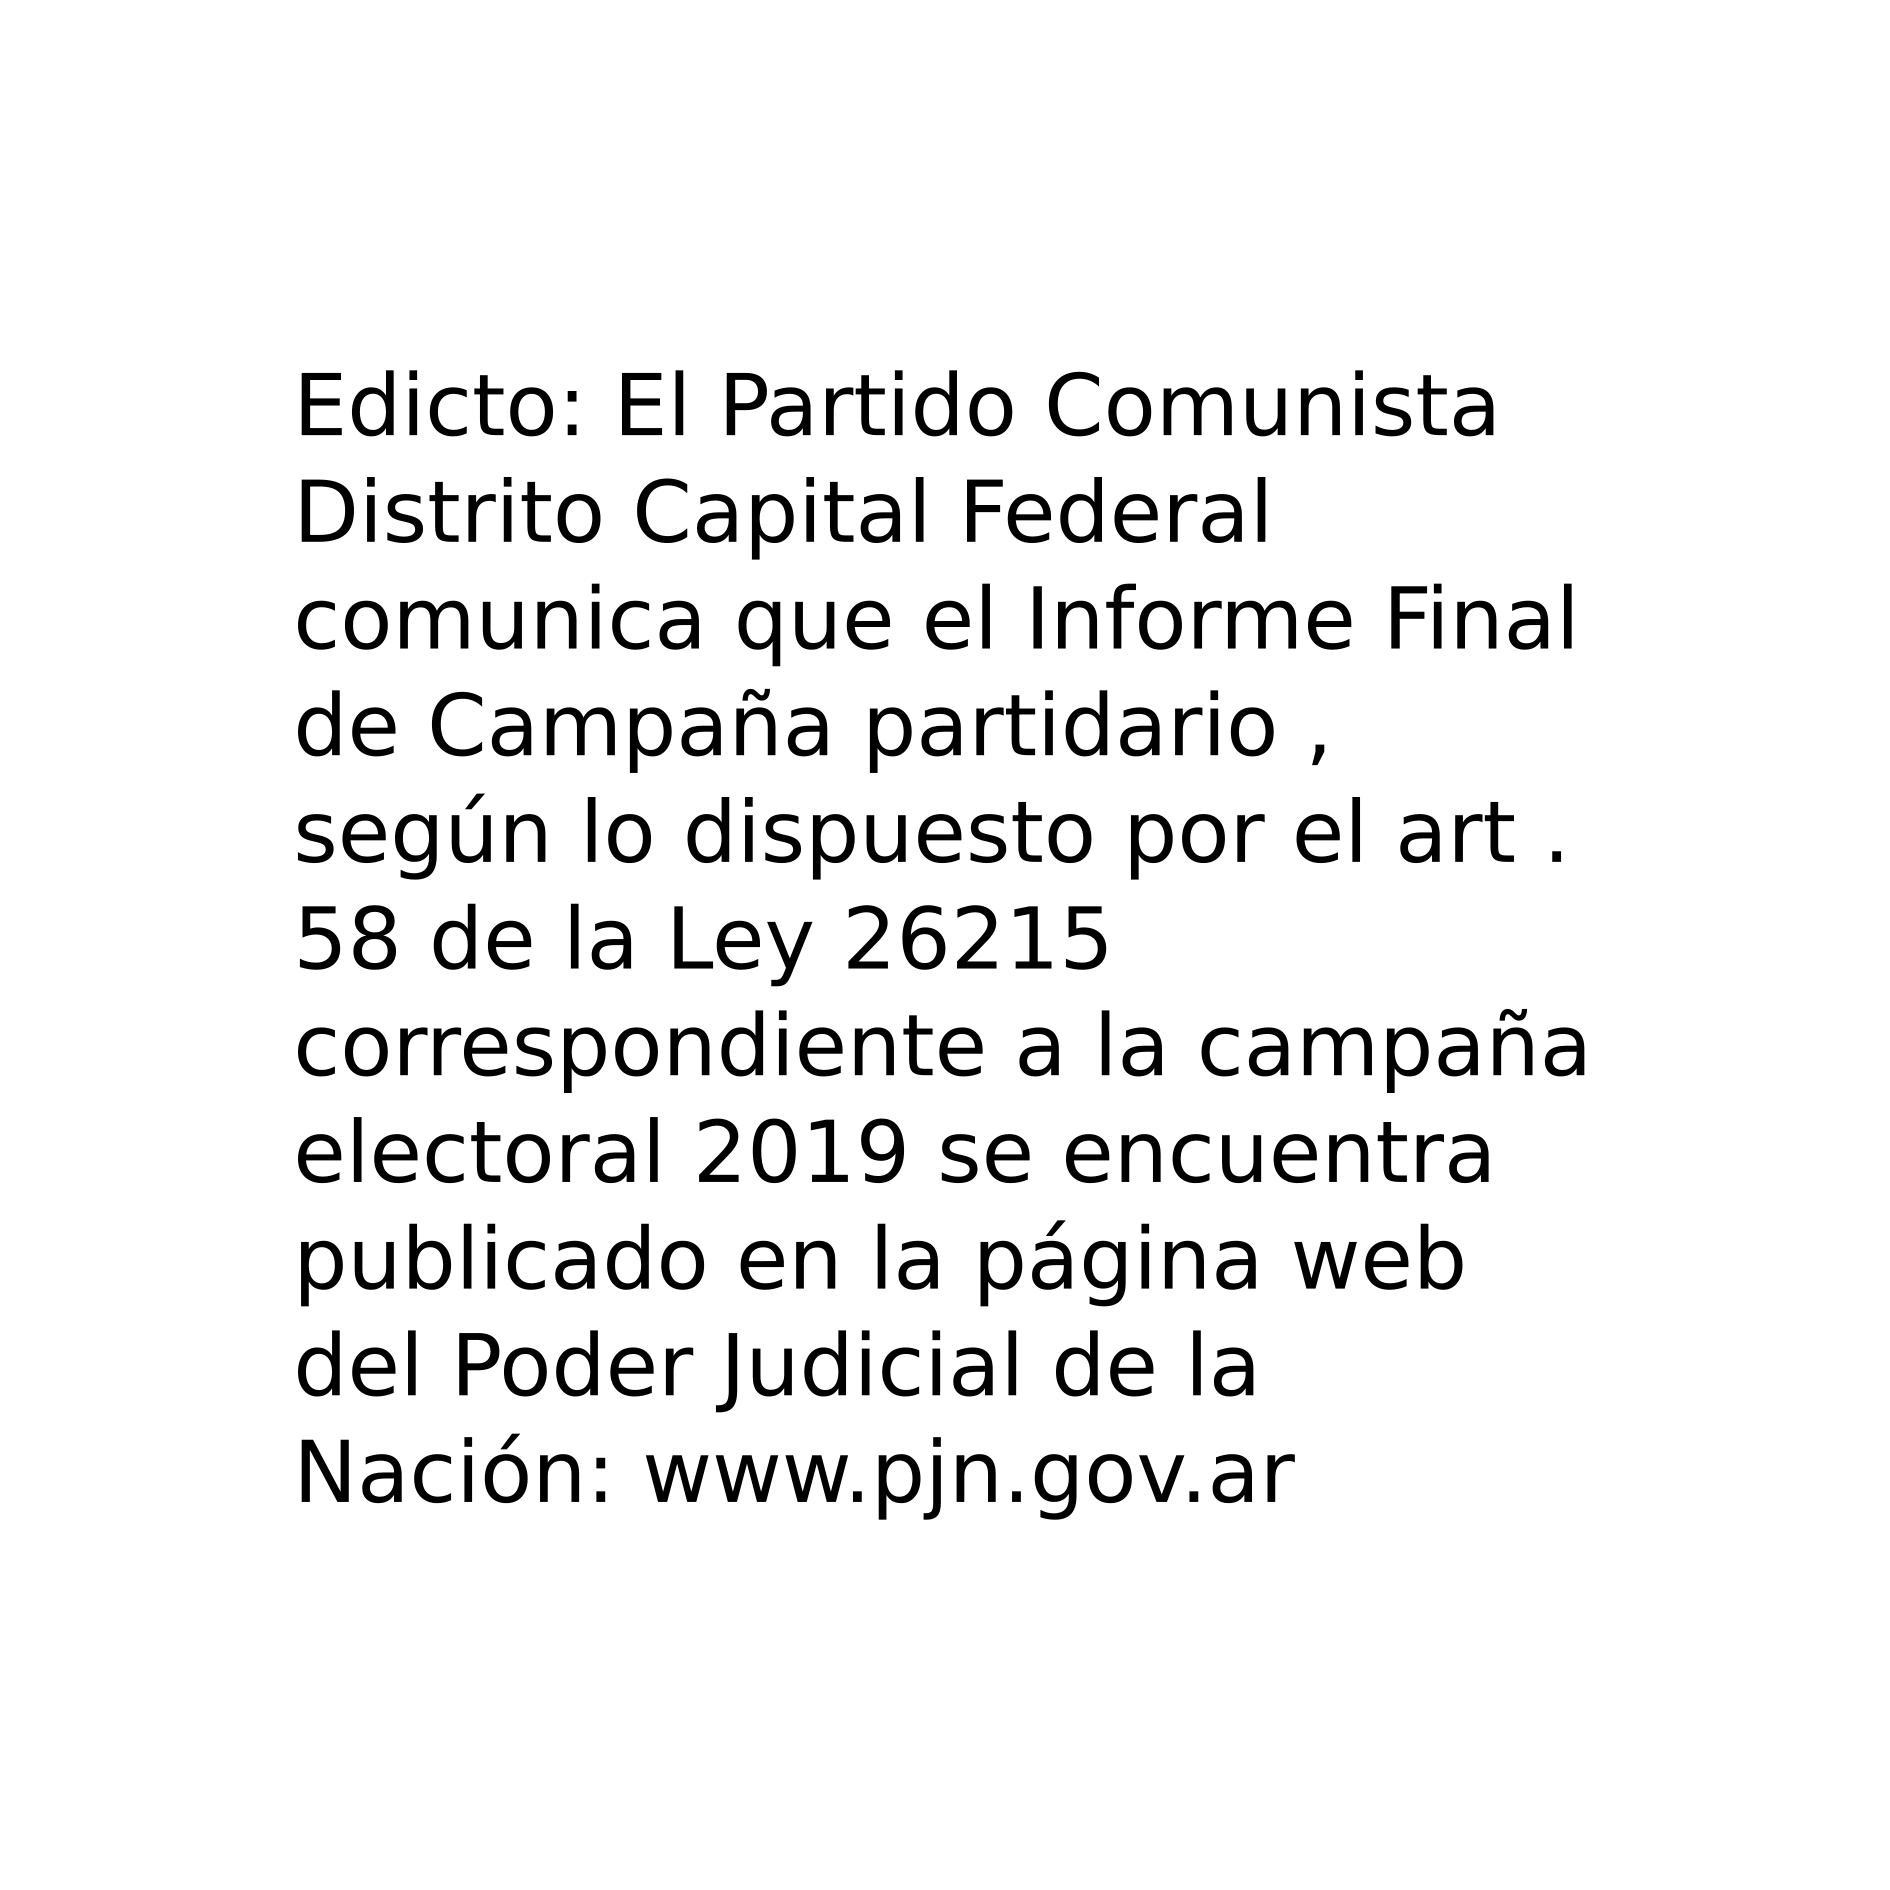 PC Distrito Capital Federal - Informe Partidario